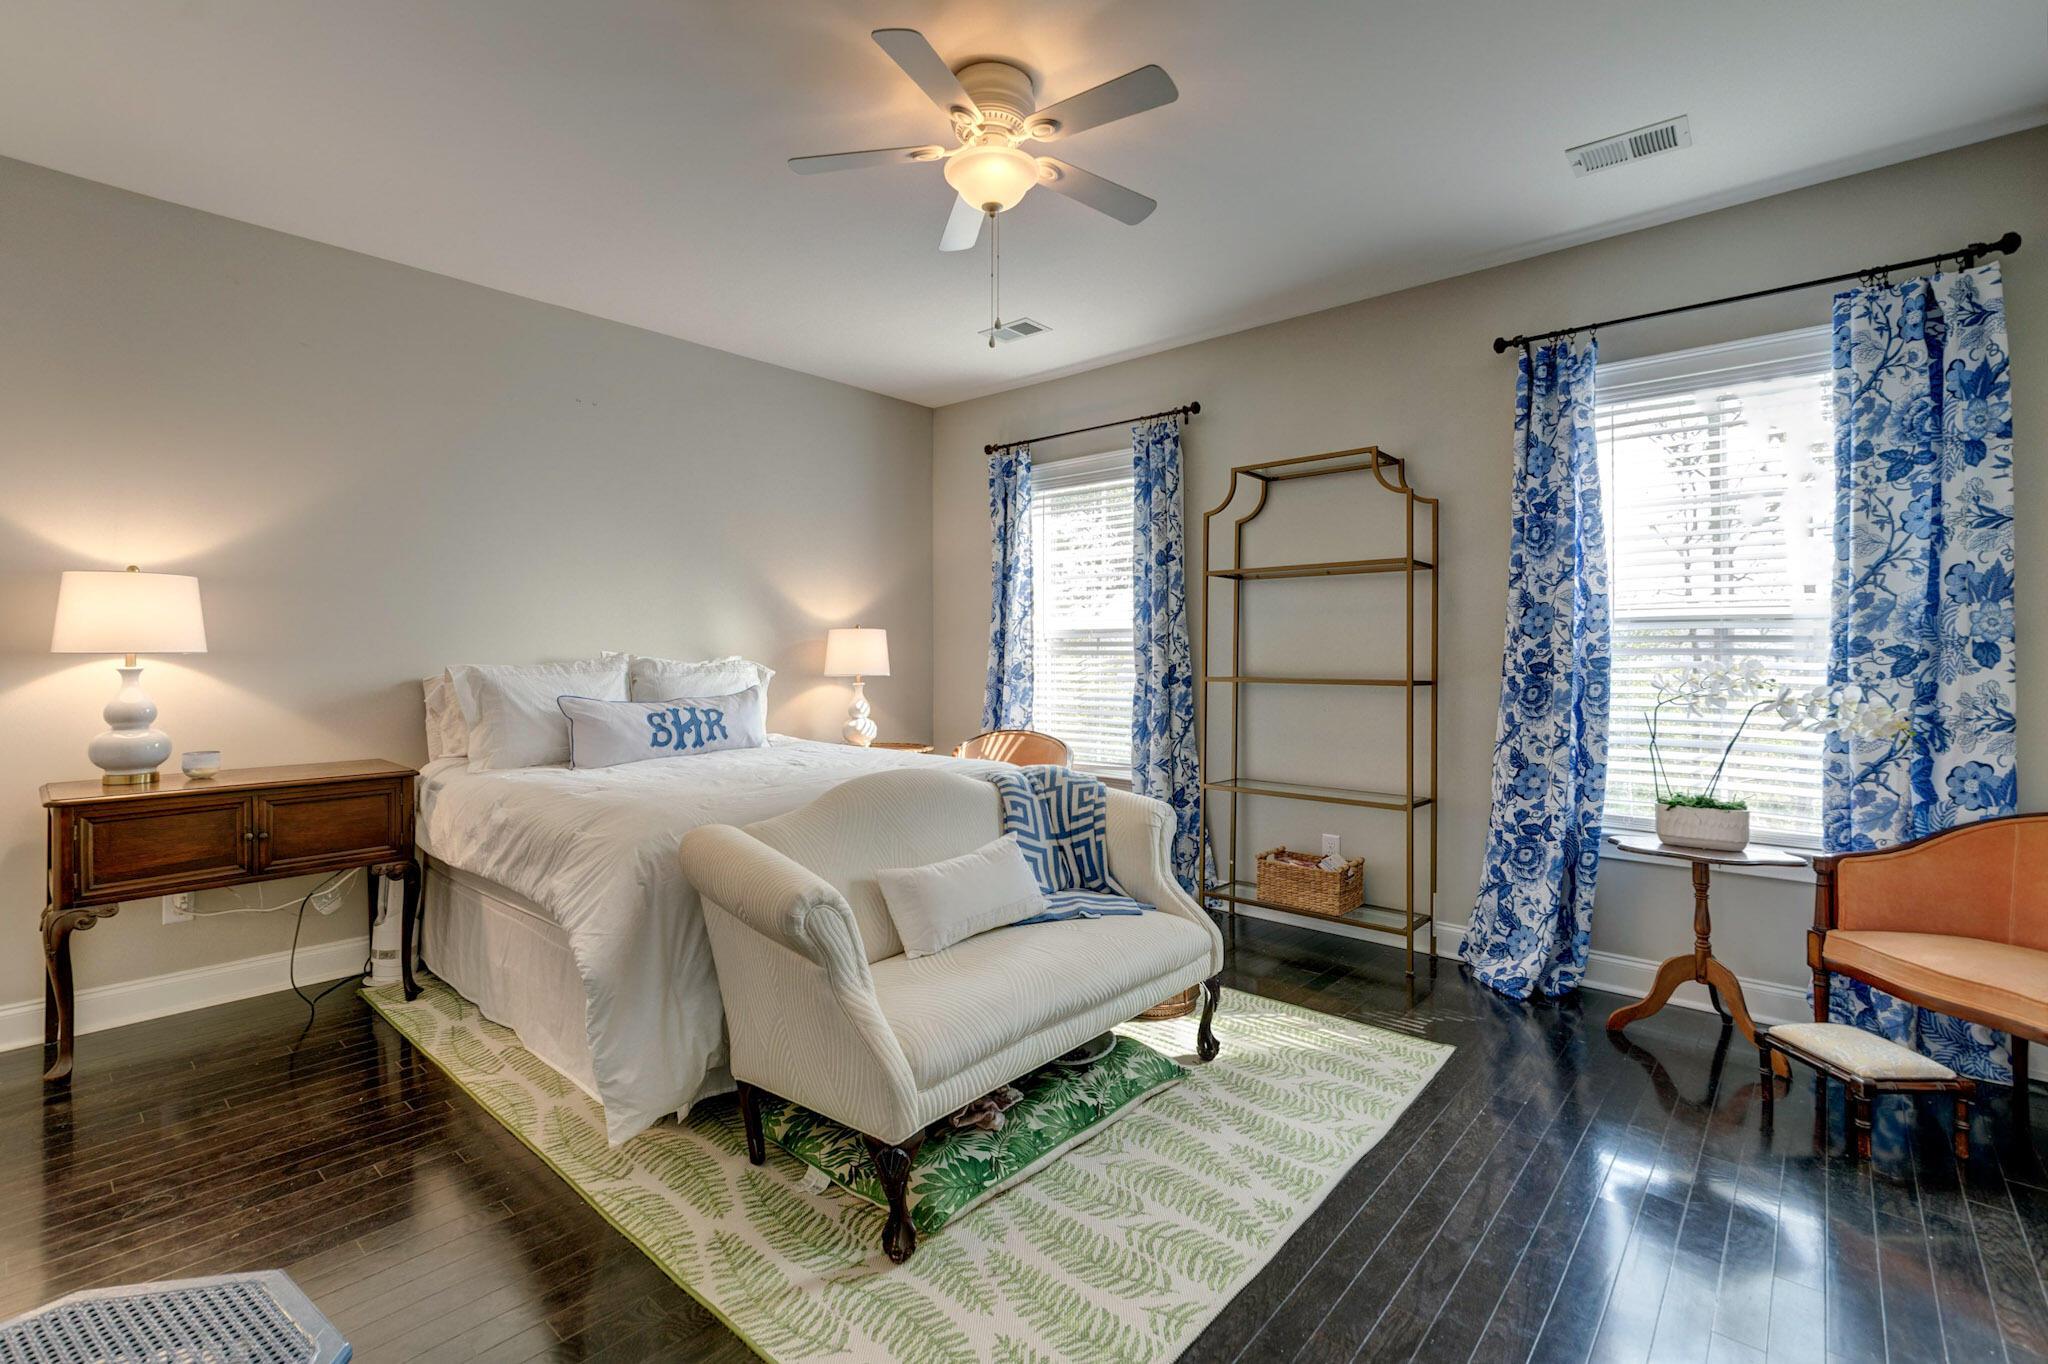 Bowman Park Homes For Sale - 1017 Bowman Woods, Mount Pleasant, SC - 1